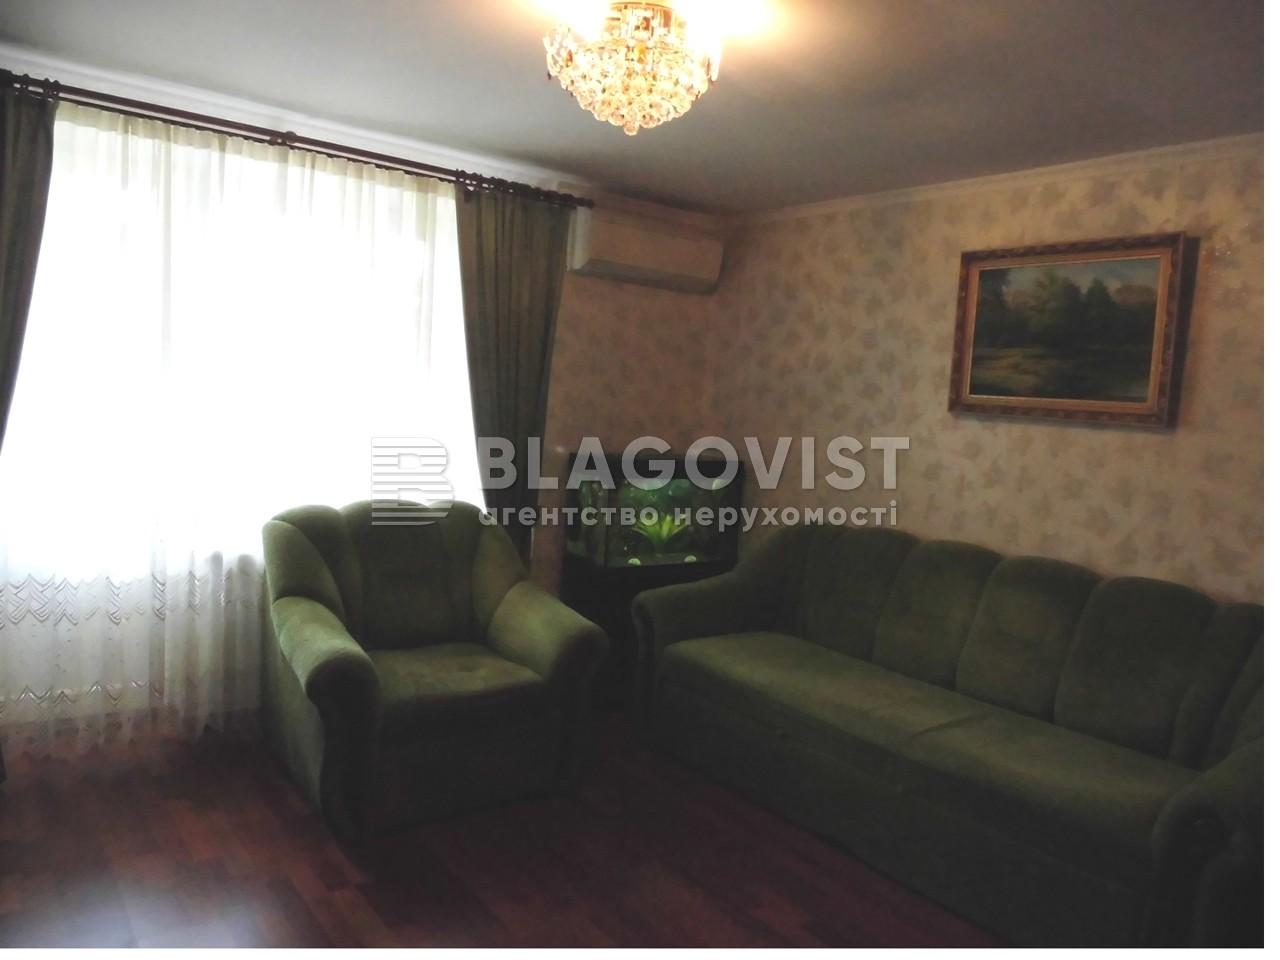 Квартира F-31223, Новополевая, 99б, Киев - Фото 6